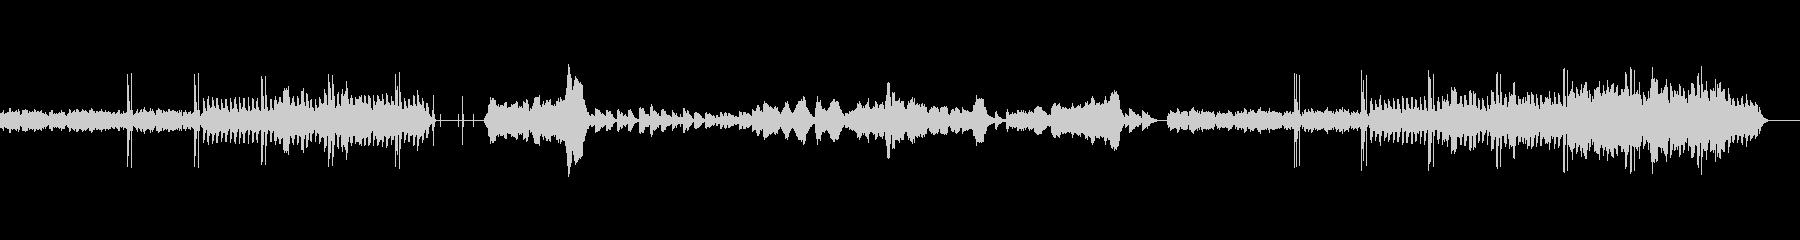 レゲエ風の音楽とピアノと弦の静かな中間部の未再生の波形